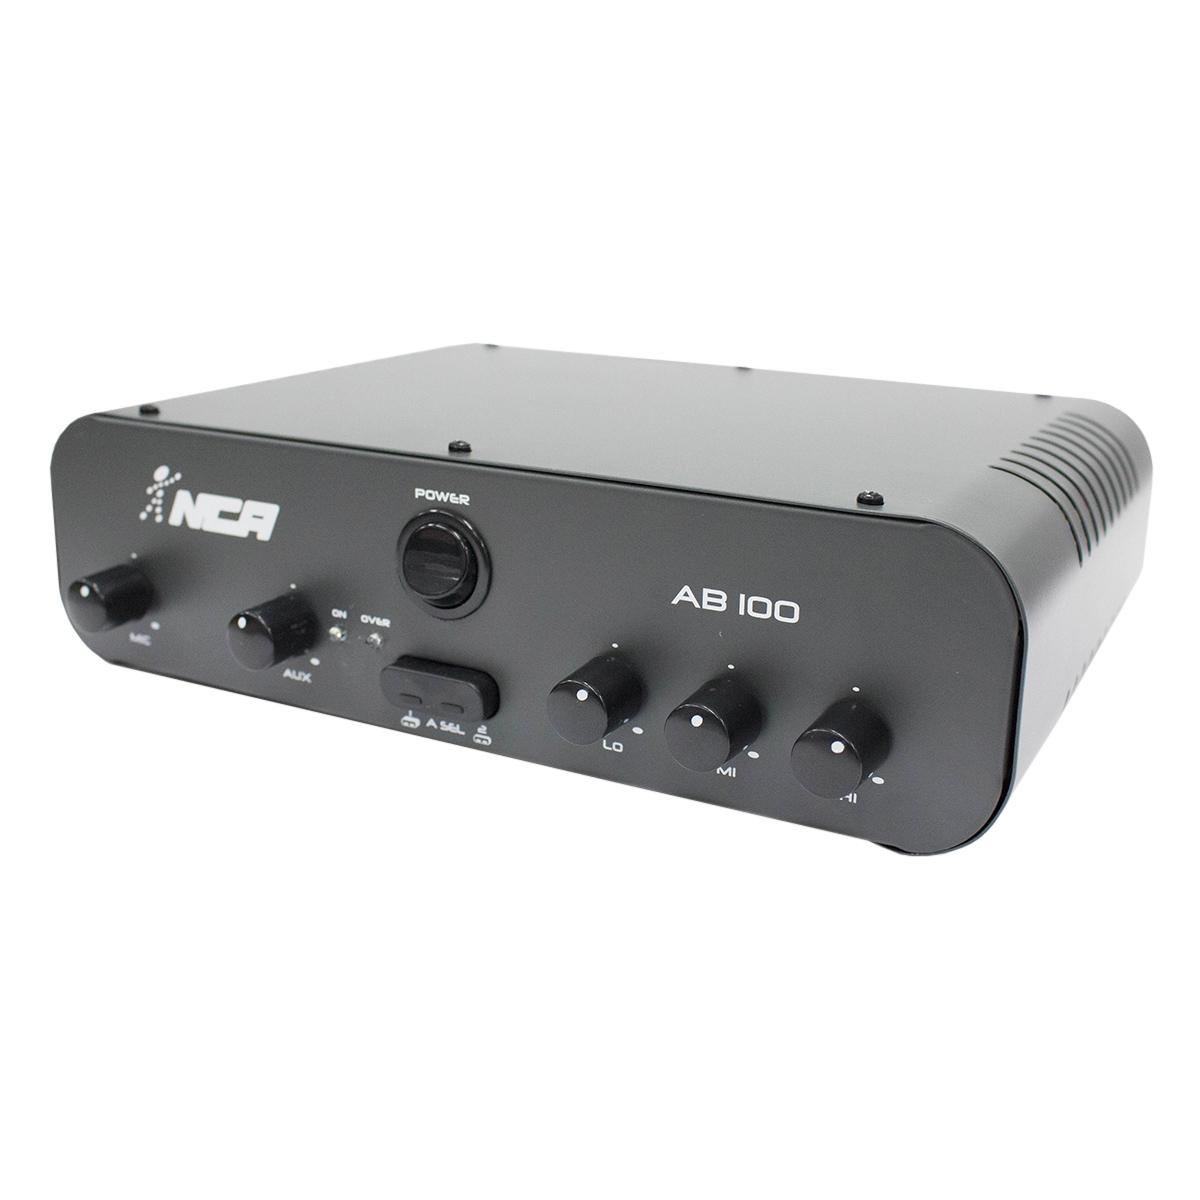 Amplificador Som Ambiente 100W AB 100 - NCA